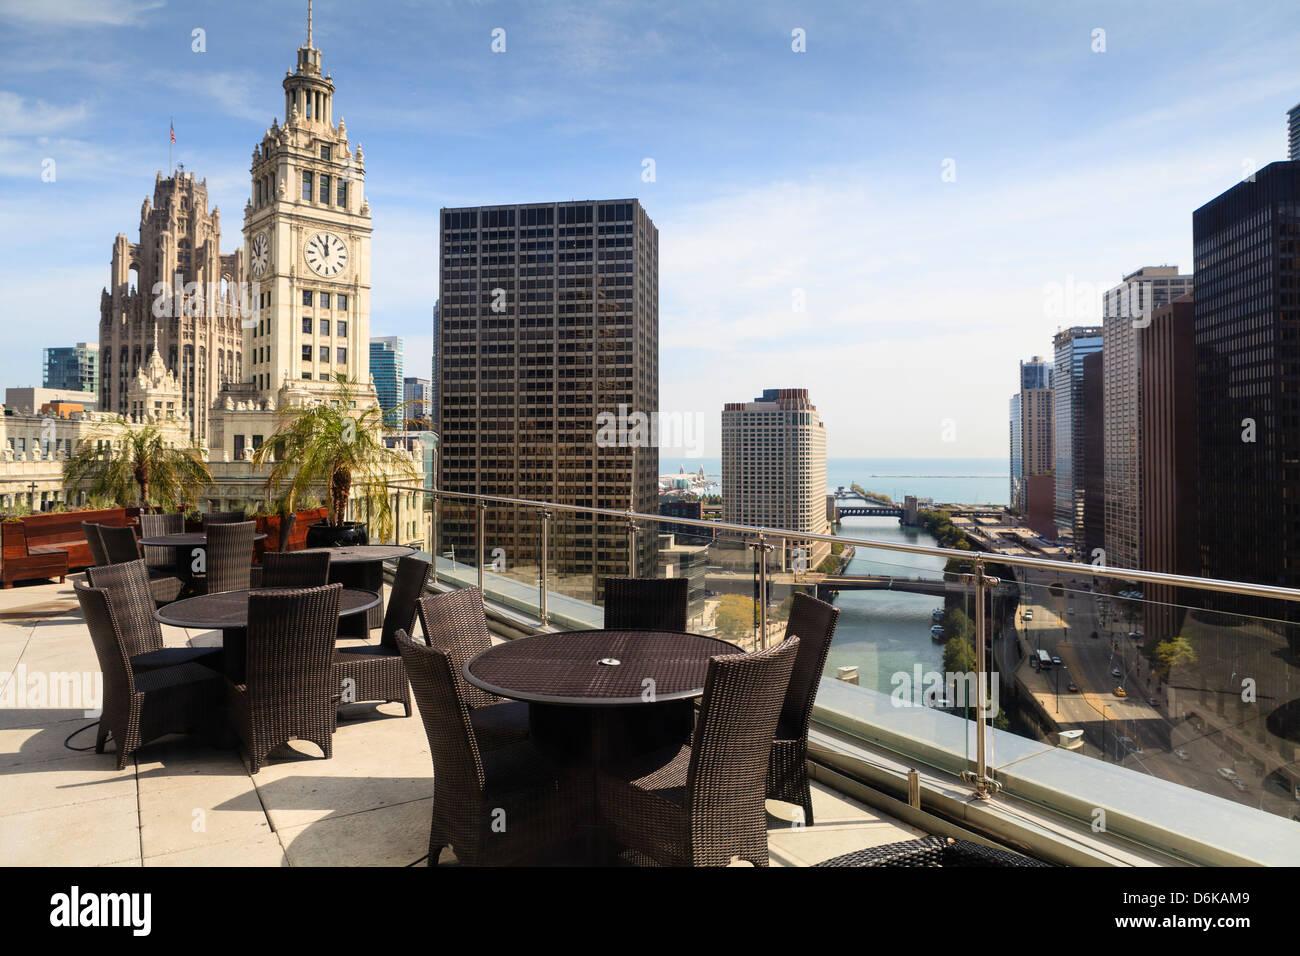 Vista da Trump Tower Hotel di Chicago, Illinois, Stati Uniti d'America, America del Nord Immagini Stock